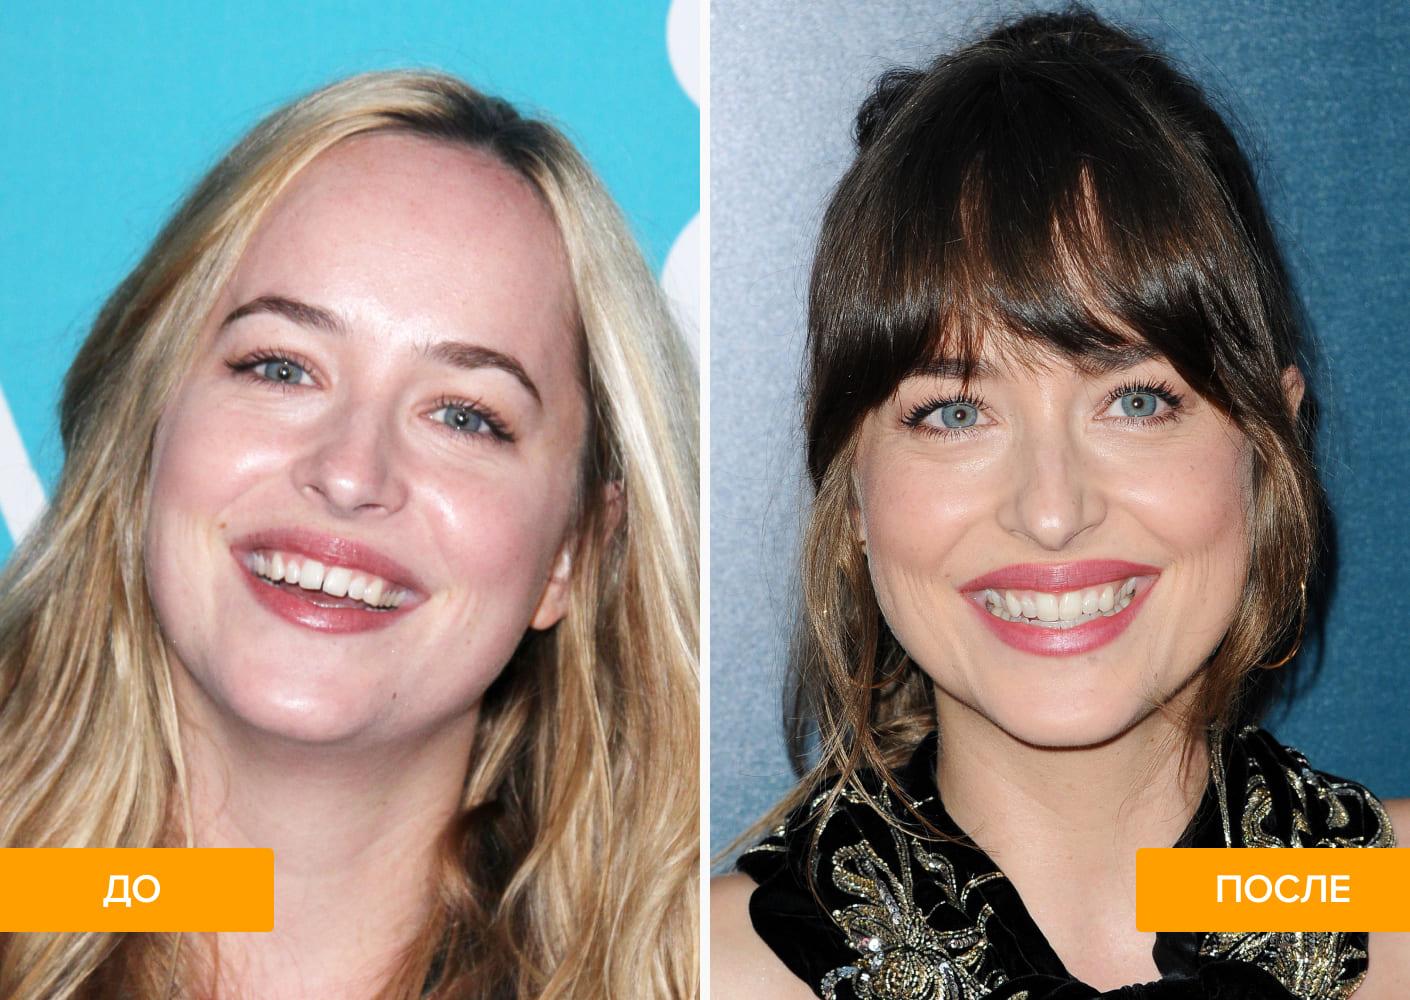 Фото Дакоты Джонсон до и после лечения диастемы